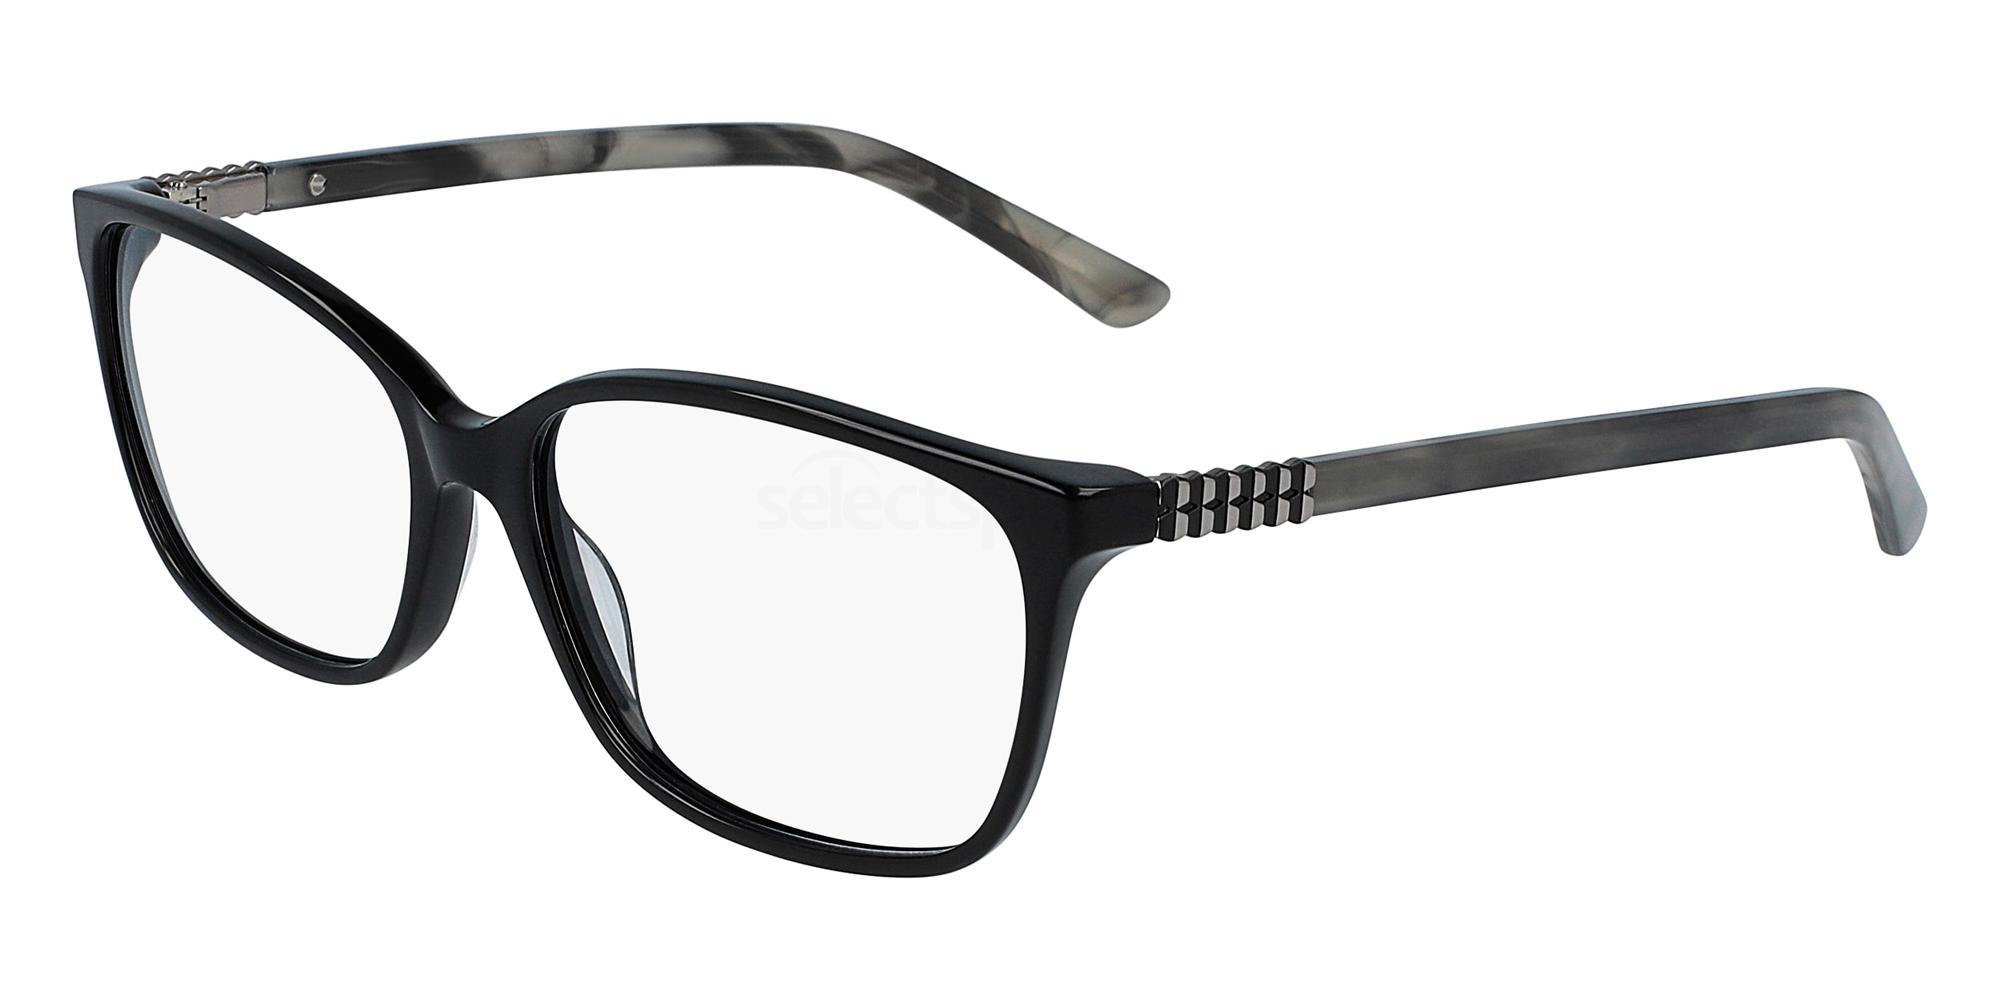 001 SK2837 GENUIN Glasses, Skaga